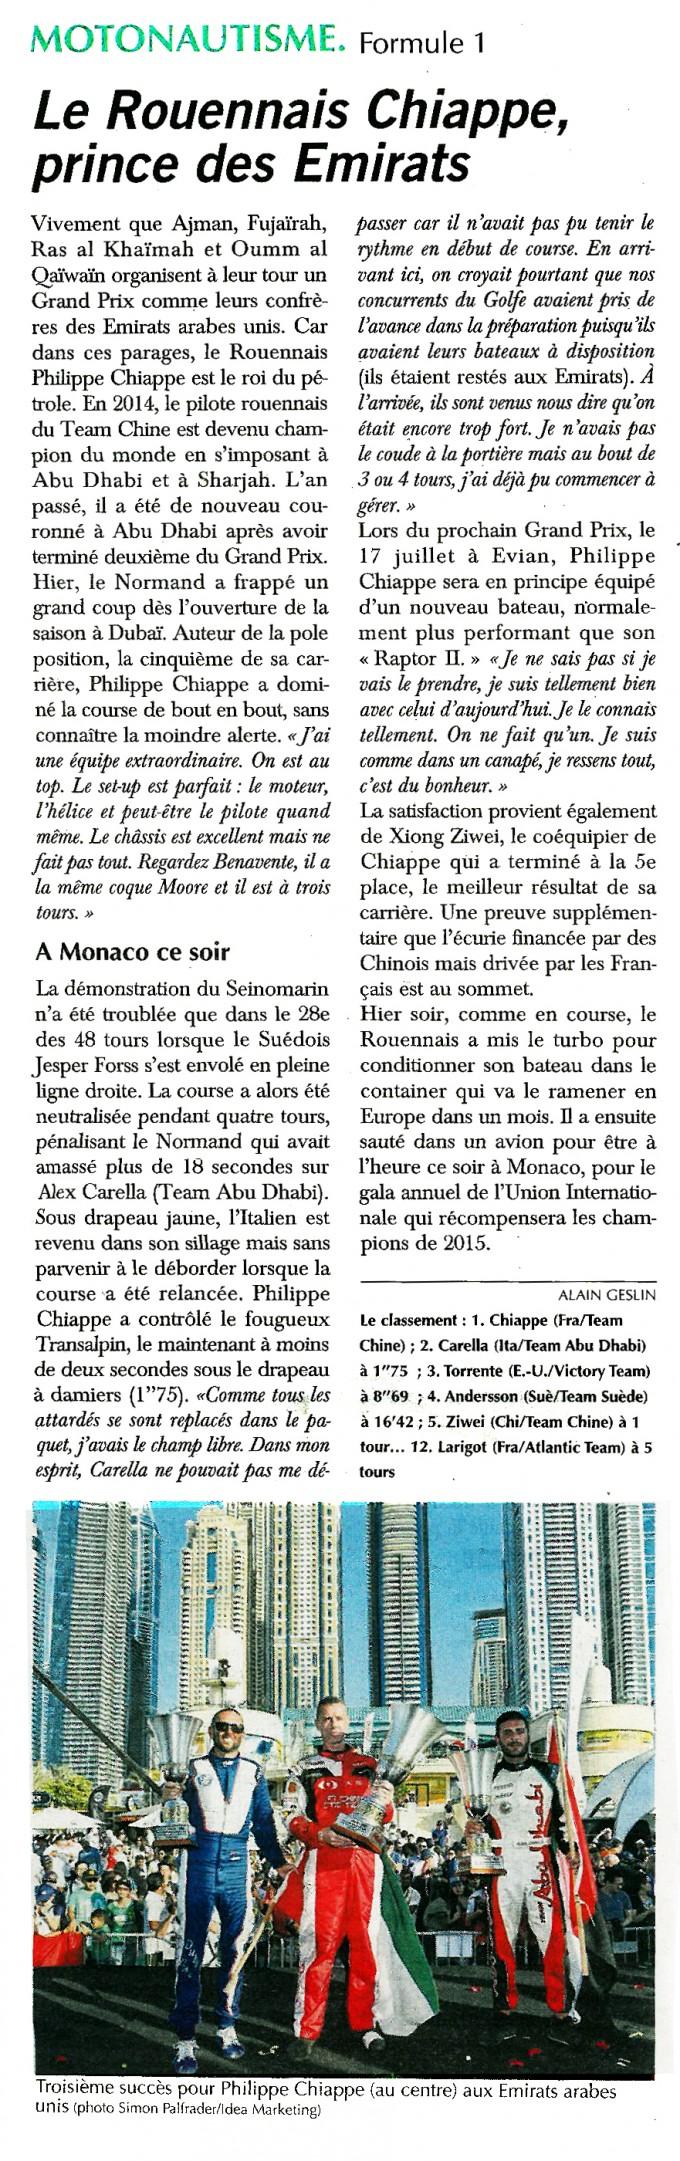 Le Rouennais Chiappe, prince des Emirats